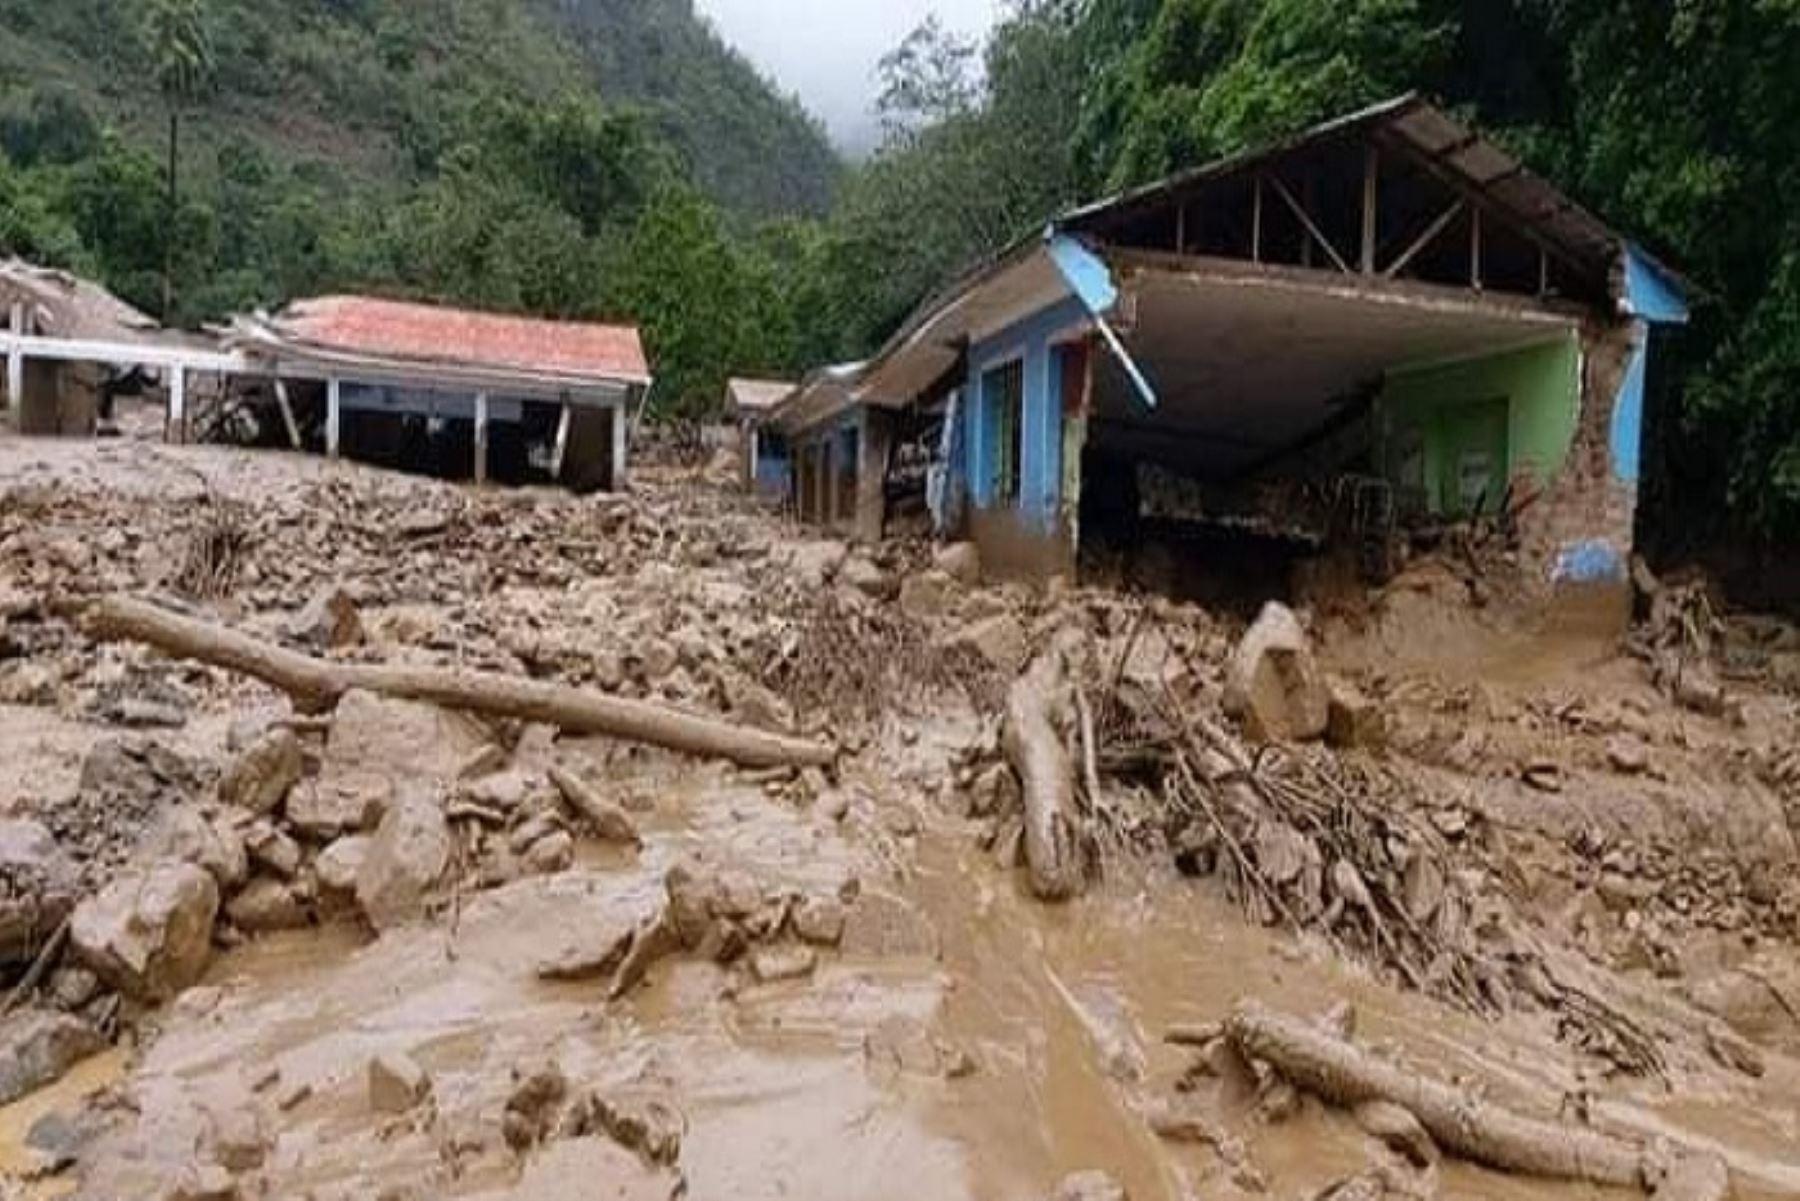 El huaico es un tipo de aluvión de magnitudes ligeras a moderadas, que se registra con frecuencia en las cuencas hidrográficas del país, generalmente durante el período de lluvias. ANDINA/Difusión